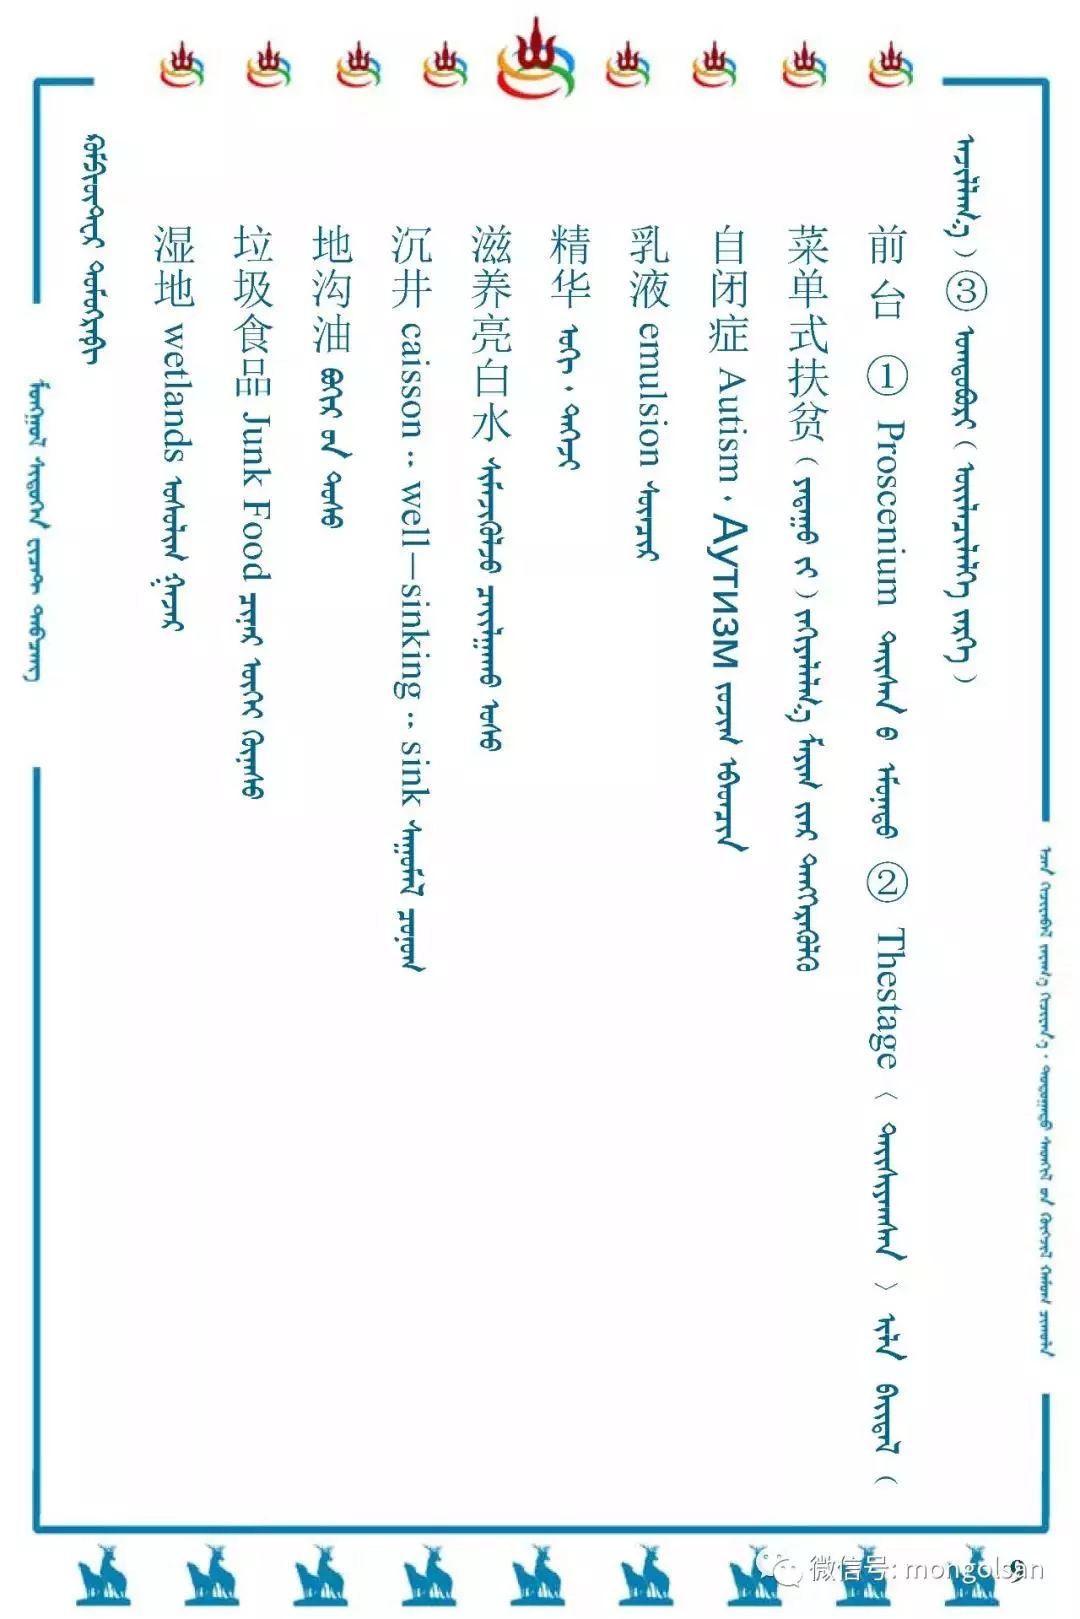 最新名词蒙古语翻译参考 第9张